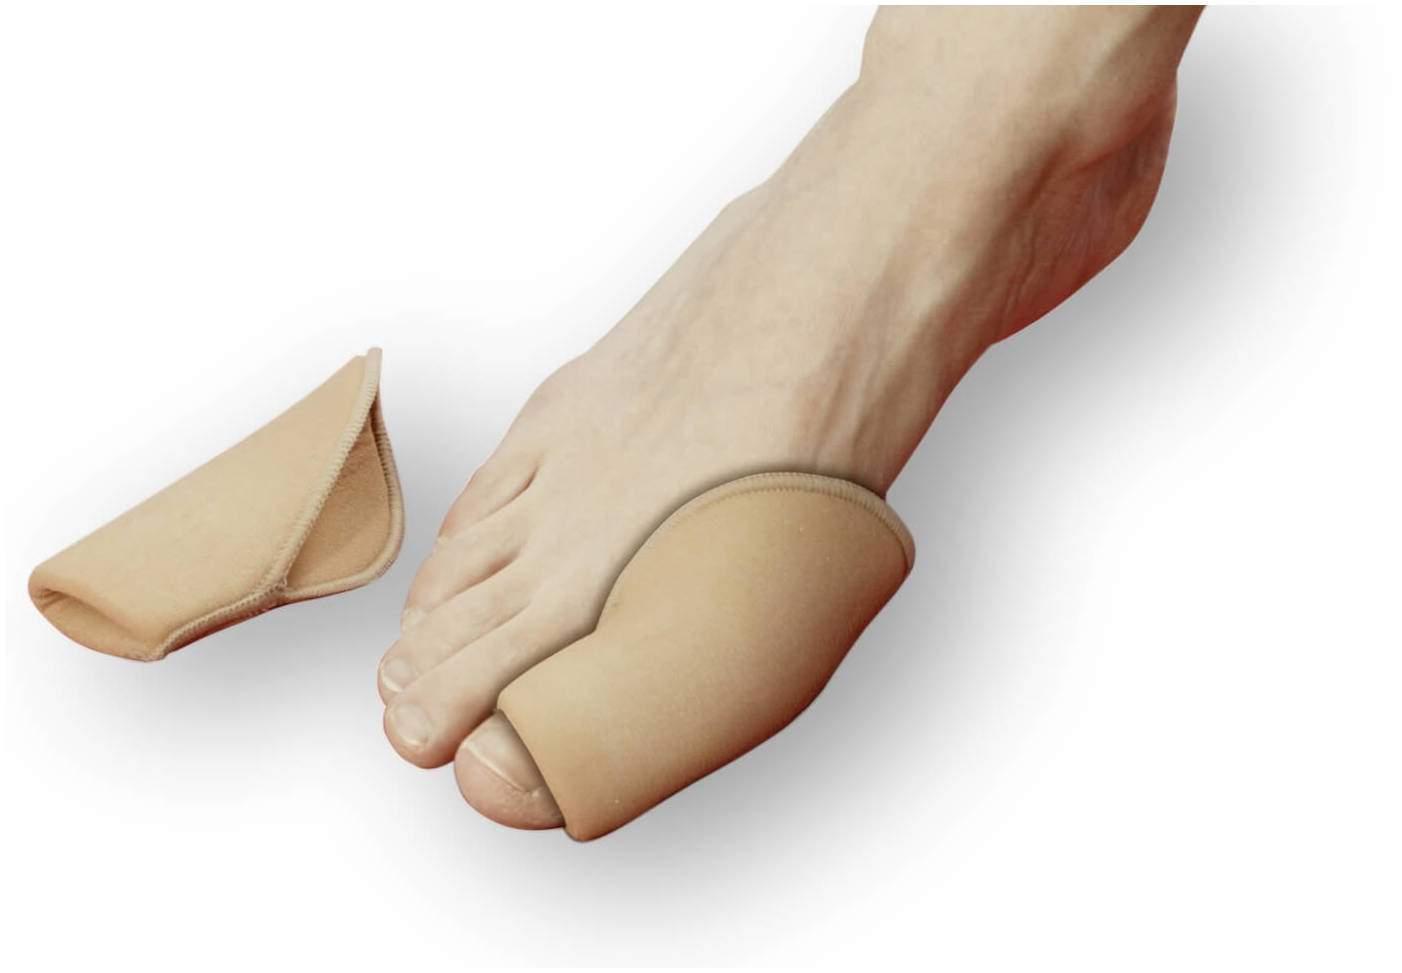 Am fuß schmerzen überbein Exostose (Überbein)